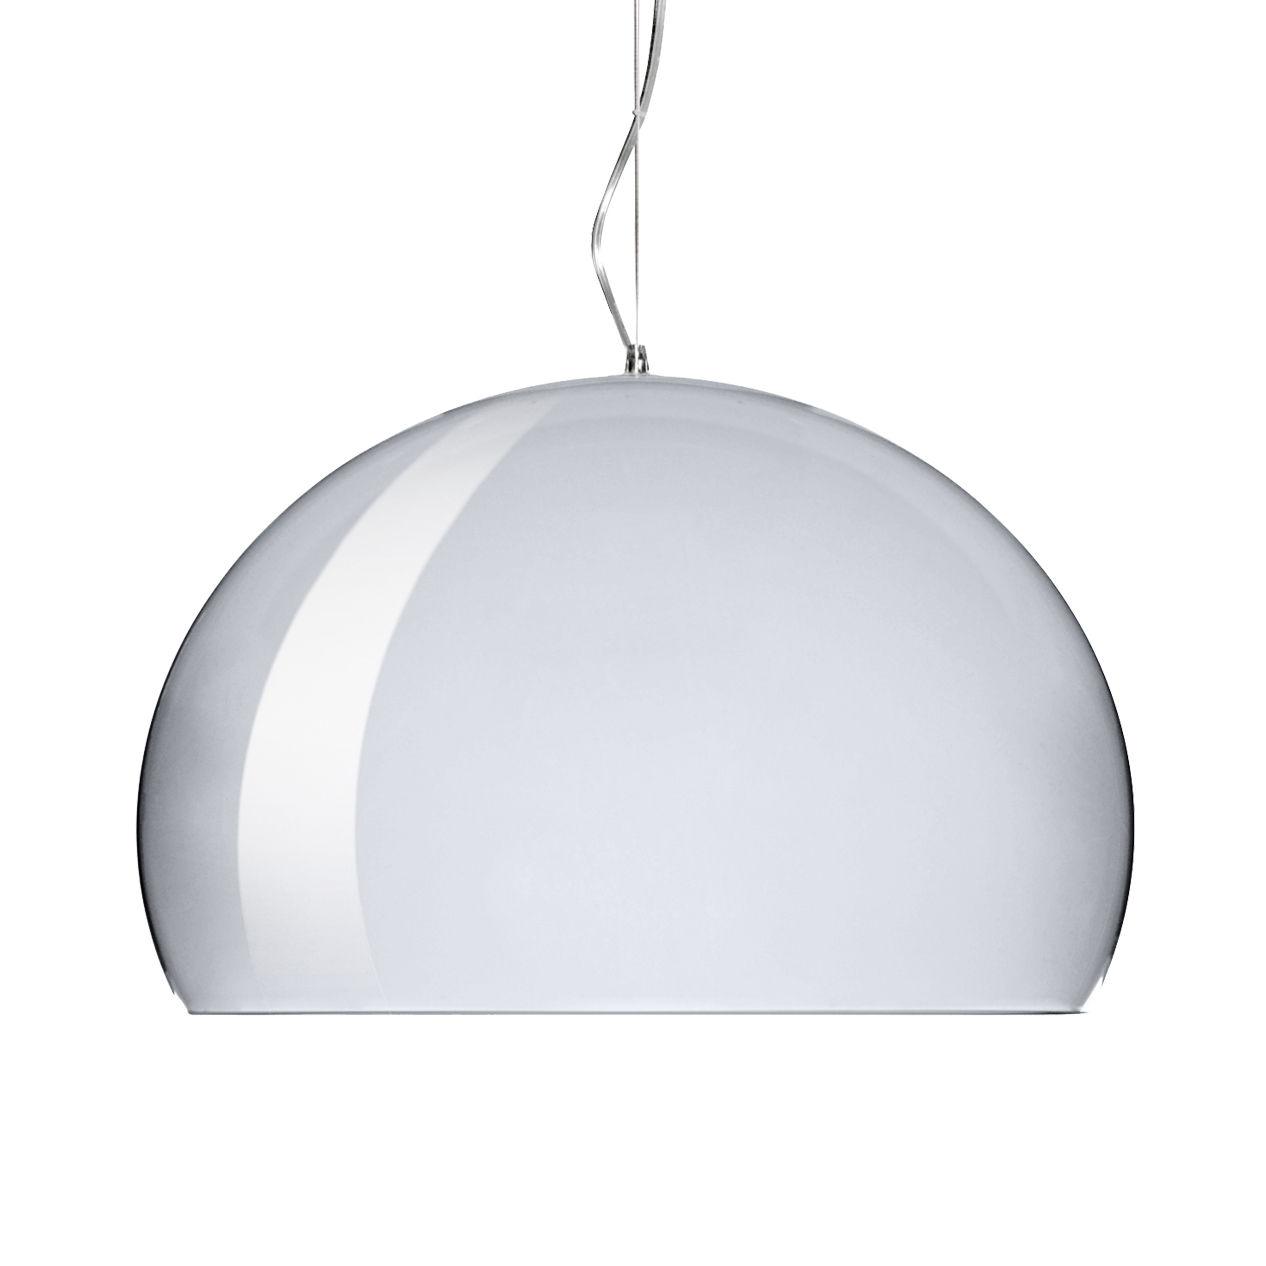 Lampe à suspension FL / Y Small - Ø 38 cm Chrome Kartell Ferruccio Laviani 1